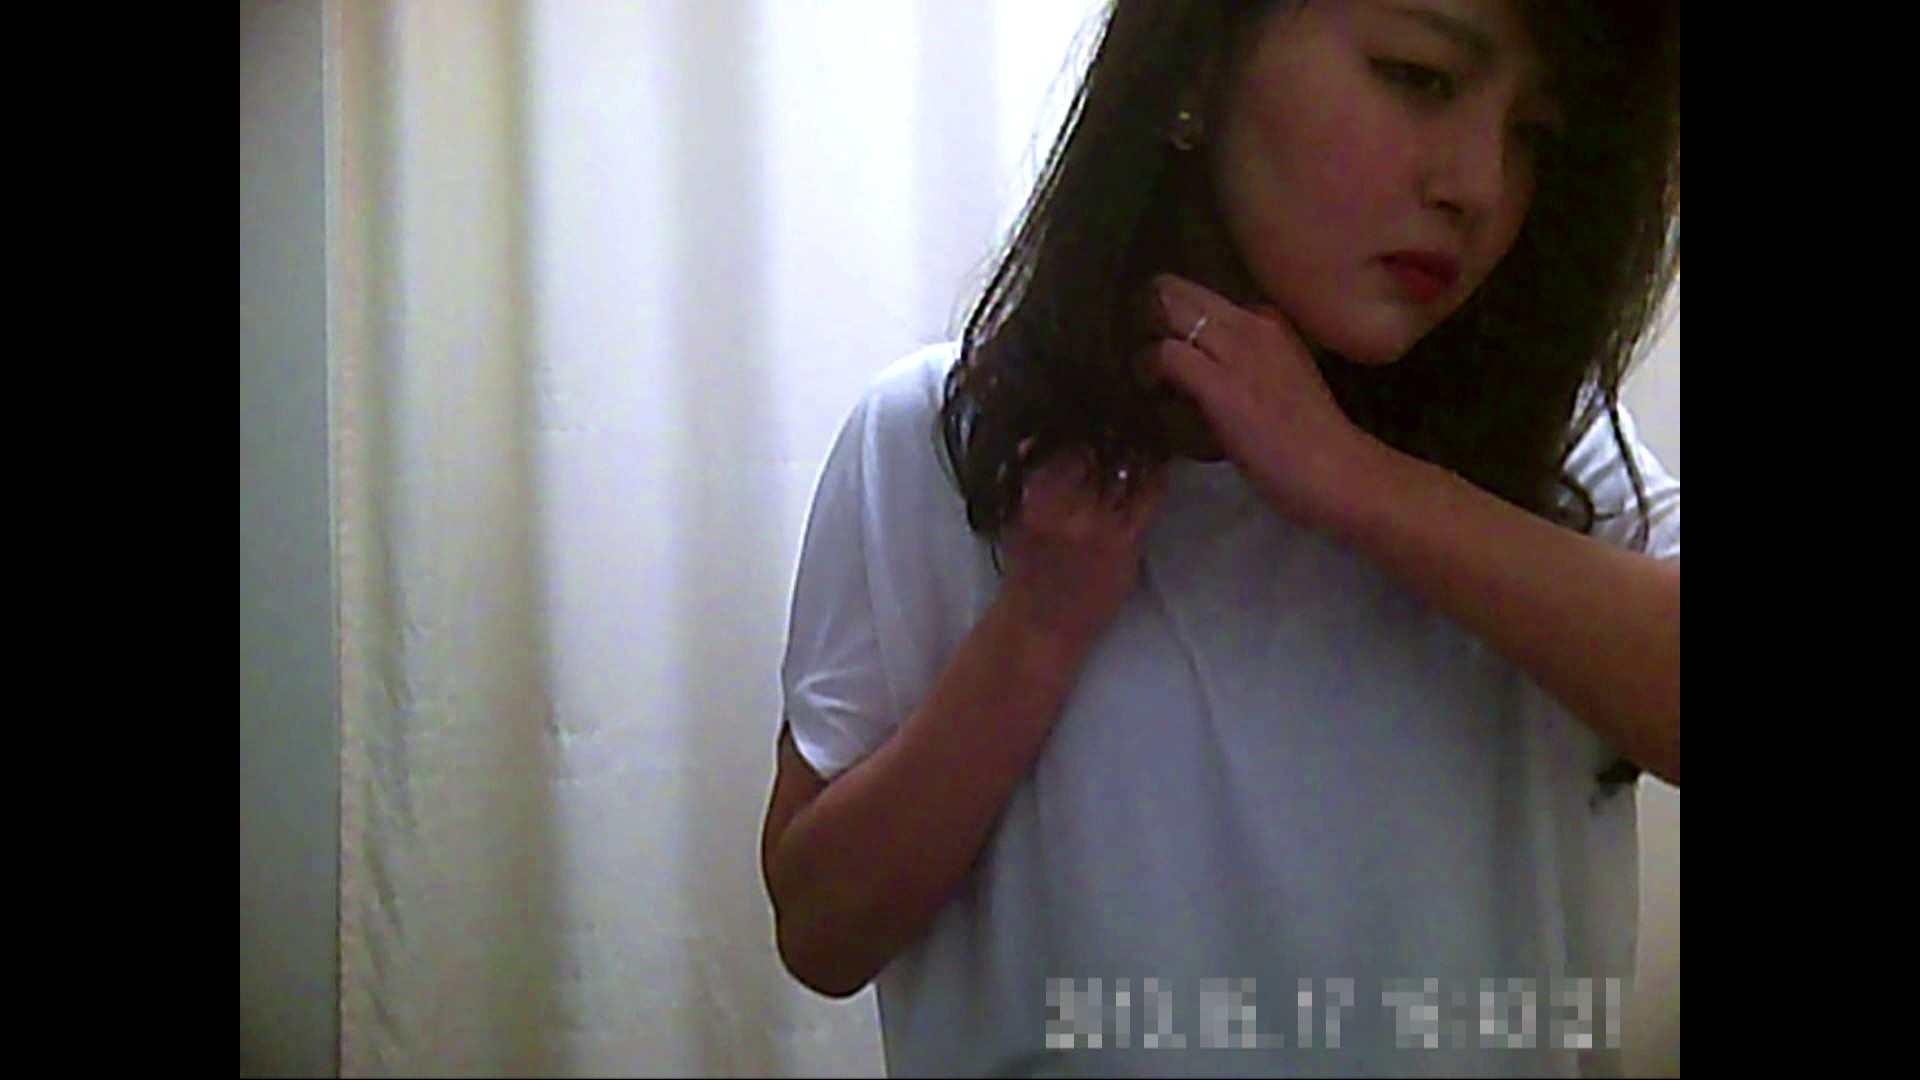 元医者による反抗 更衣室地獄絵巻 vol.047 エッチなお姉さん ワレメ動画紹介 101画像 95